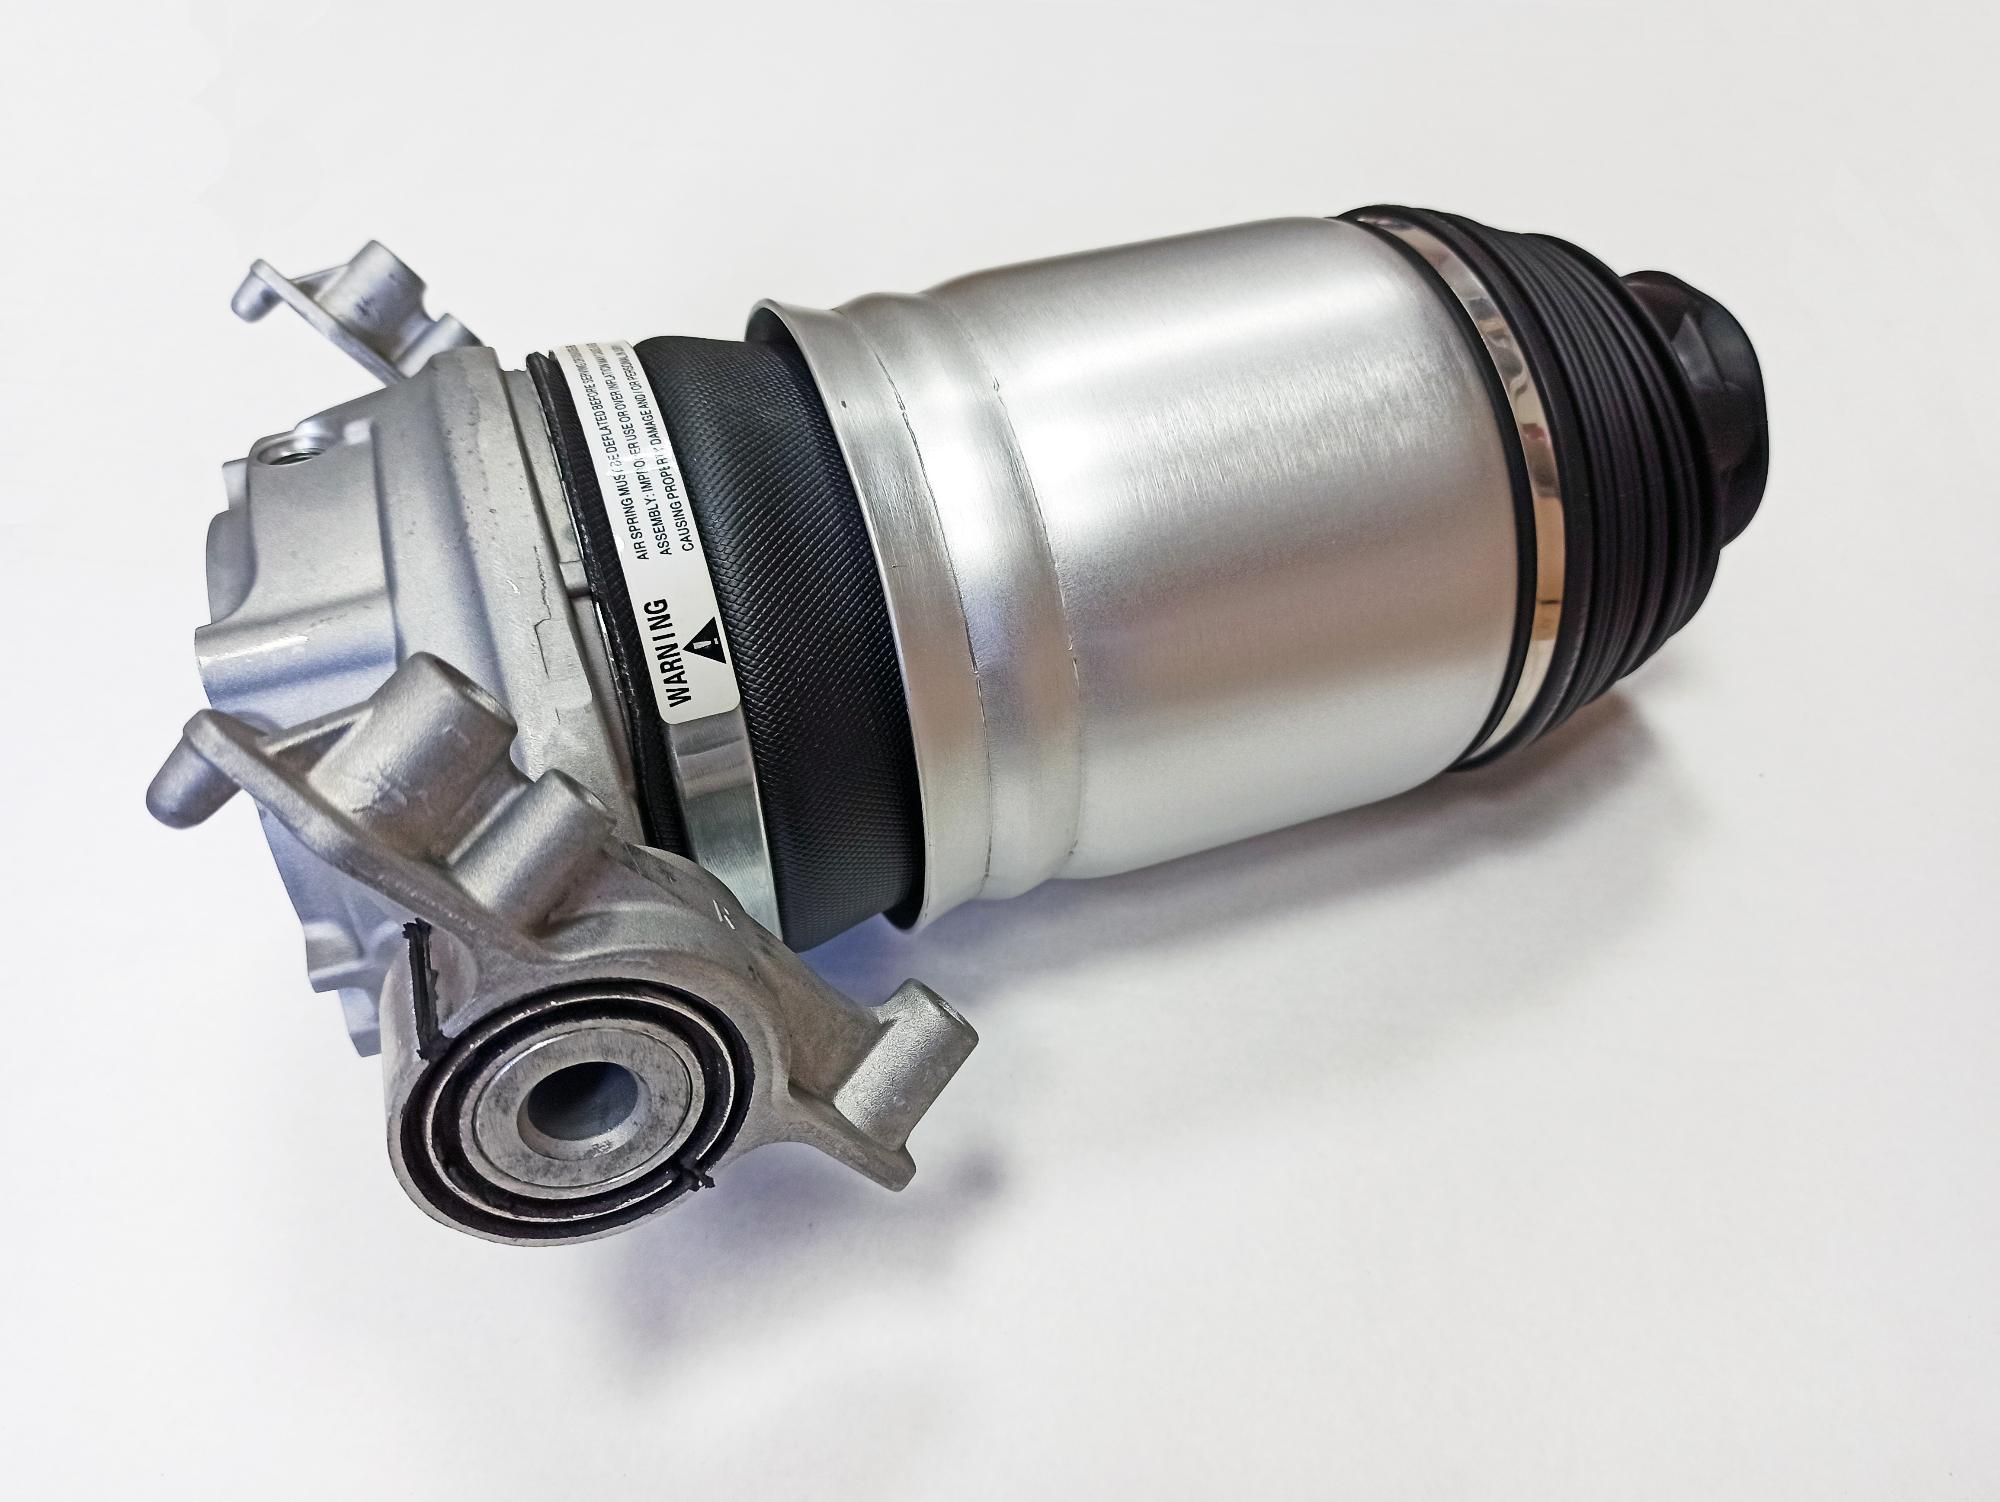 картинка Новый задний пневмобаллон для Volkswagen Touareg II NF / Porsche Cayenne II 958 (7P6616504H, 7P6616503H) от магазина пневмоподвески ПневмоМаркет